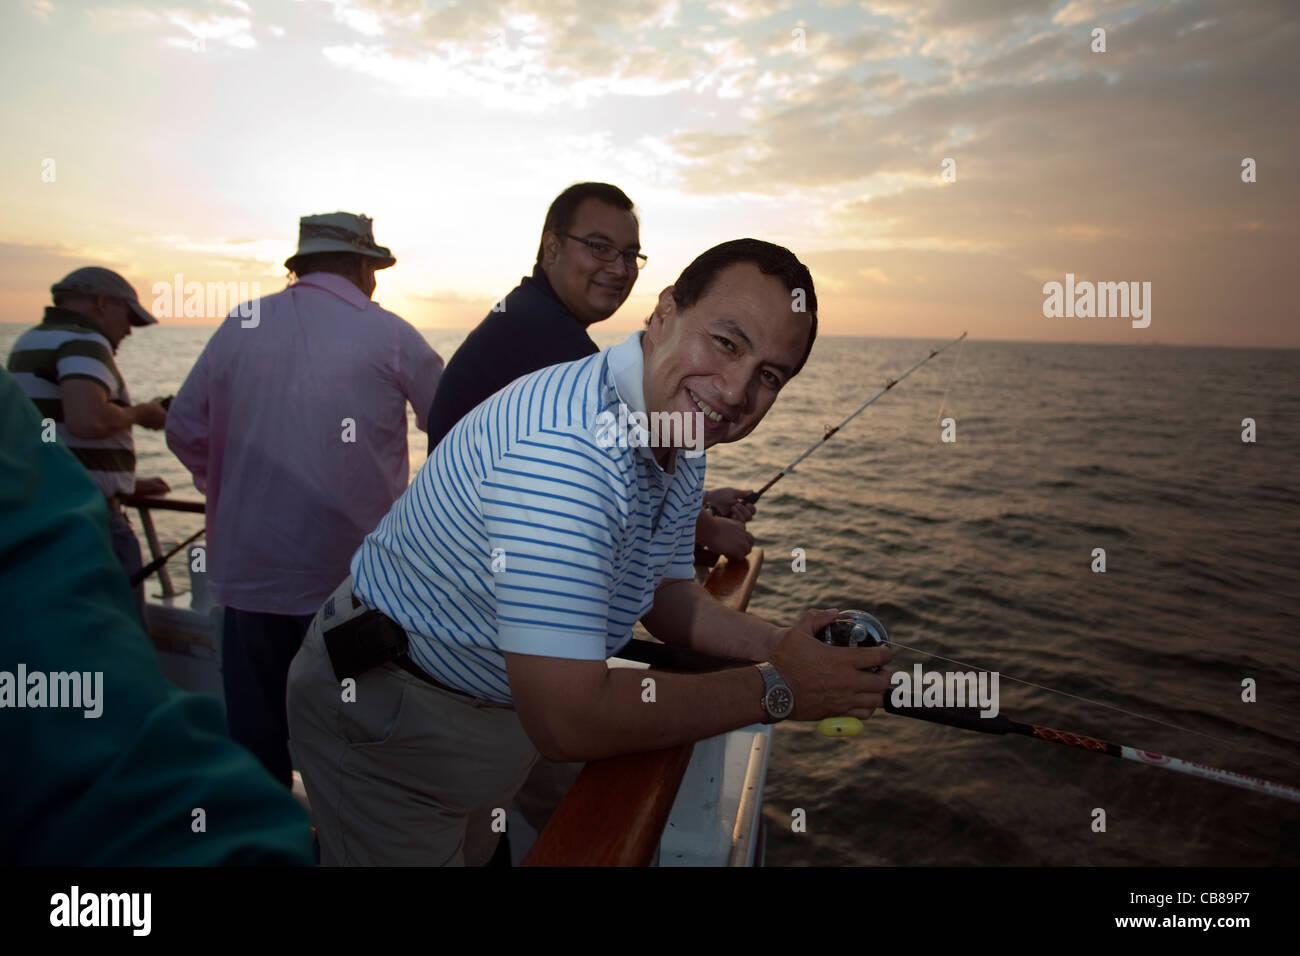 Il team di padre e figlio Luis Montes, Sr., destra e Luis Montes, Jr., sinistra, stand su un party barca da pesca Foto Stock